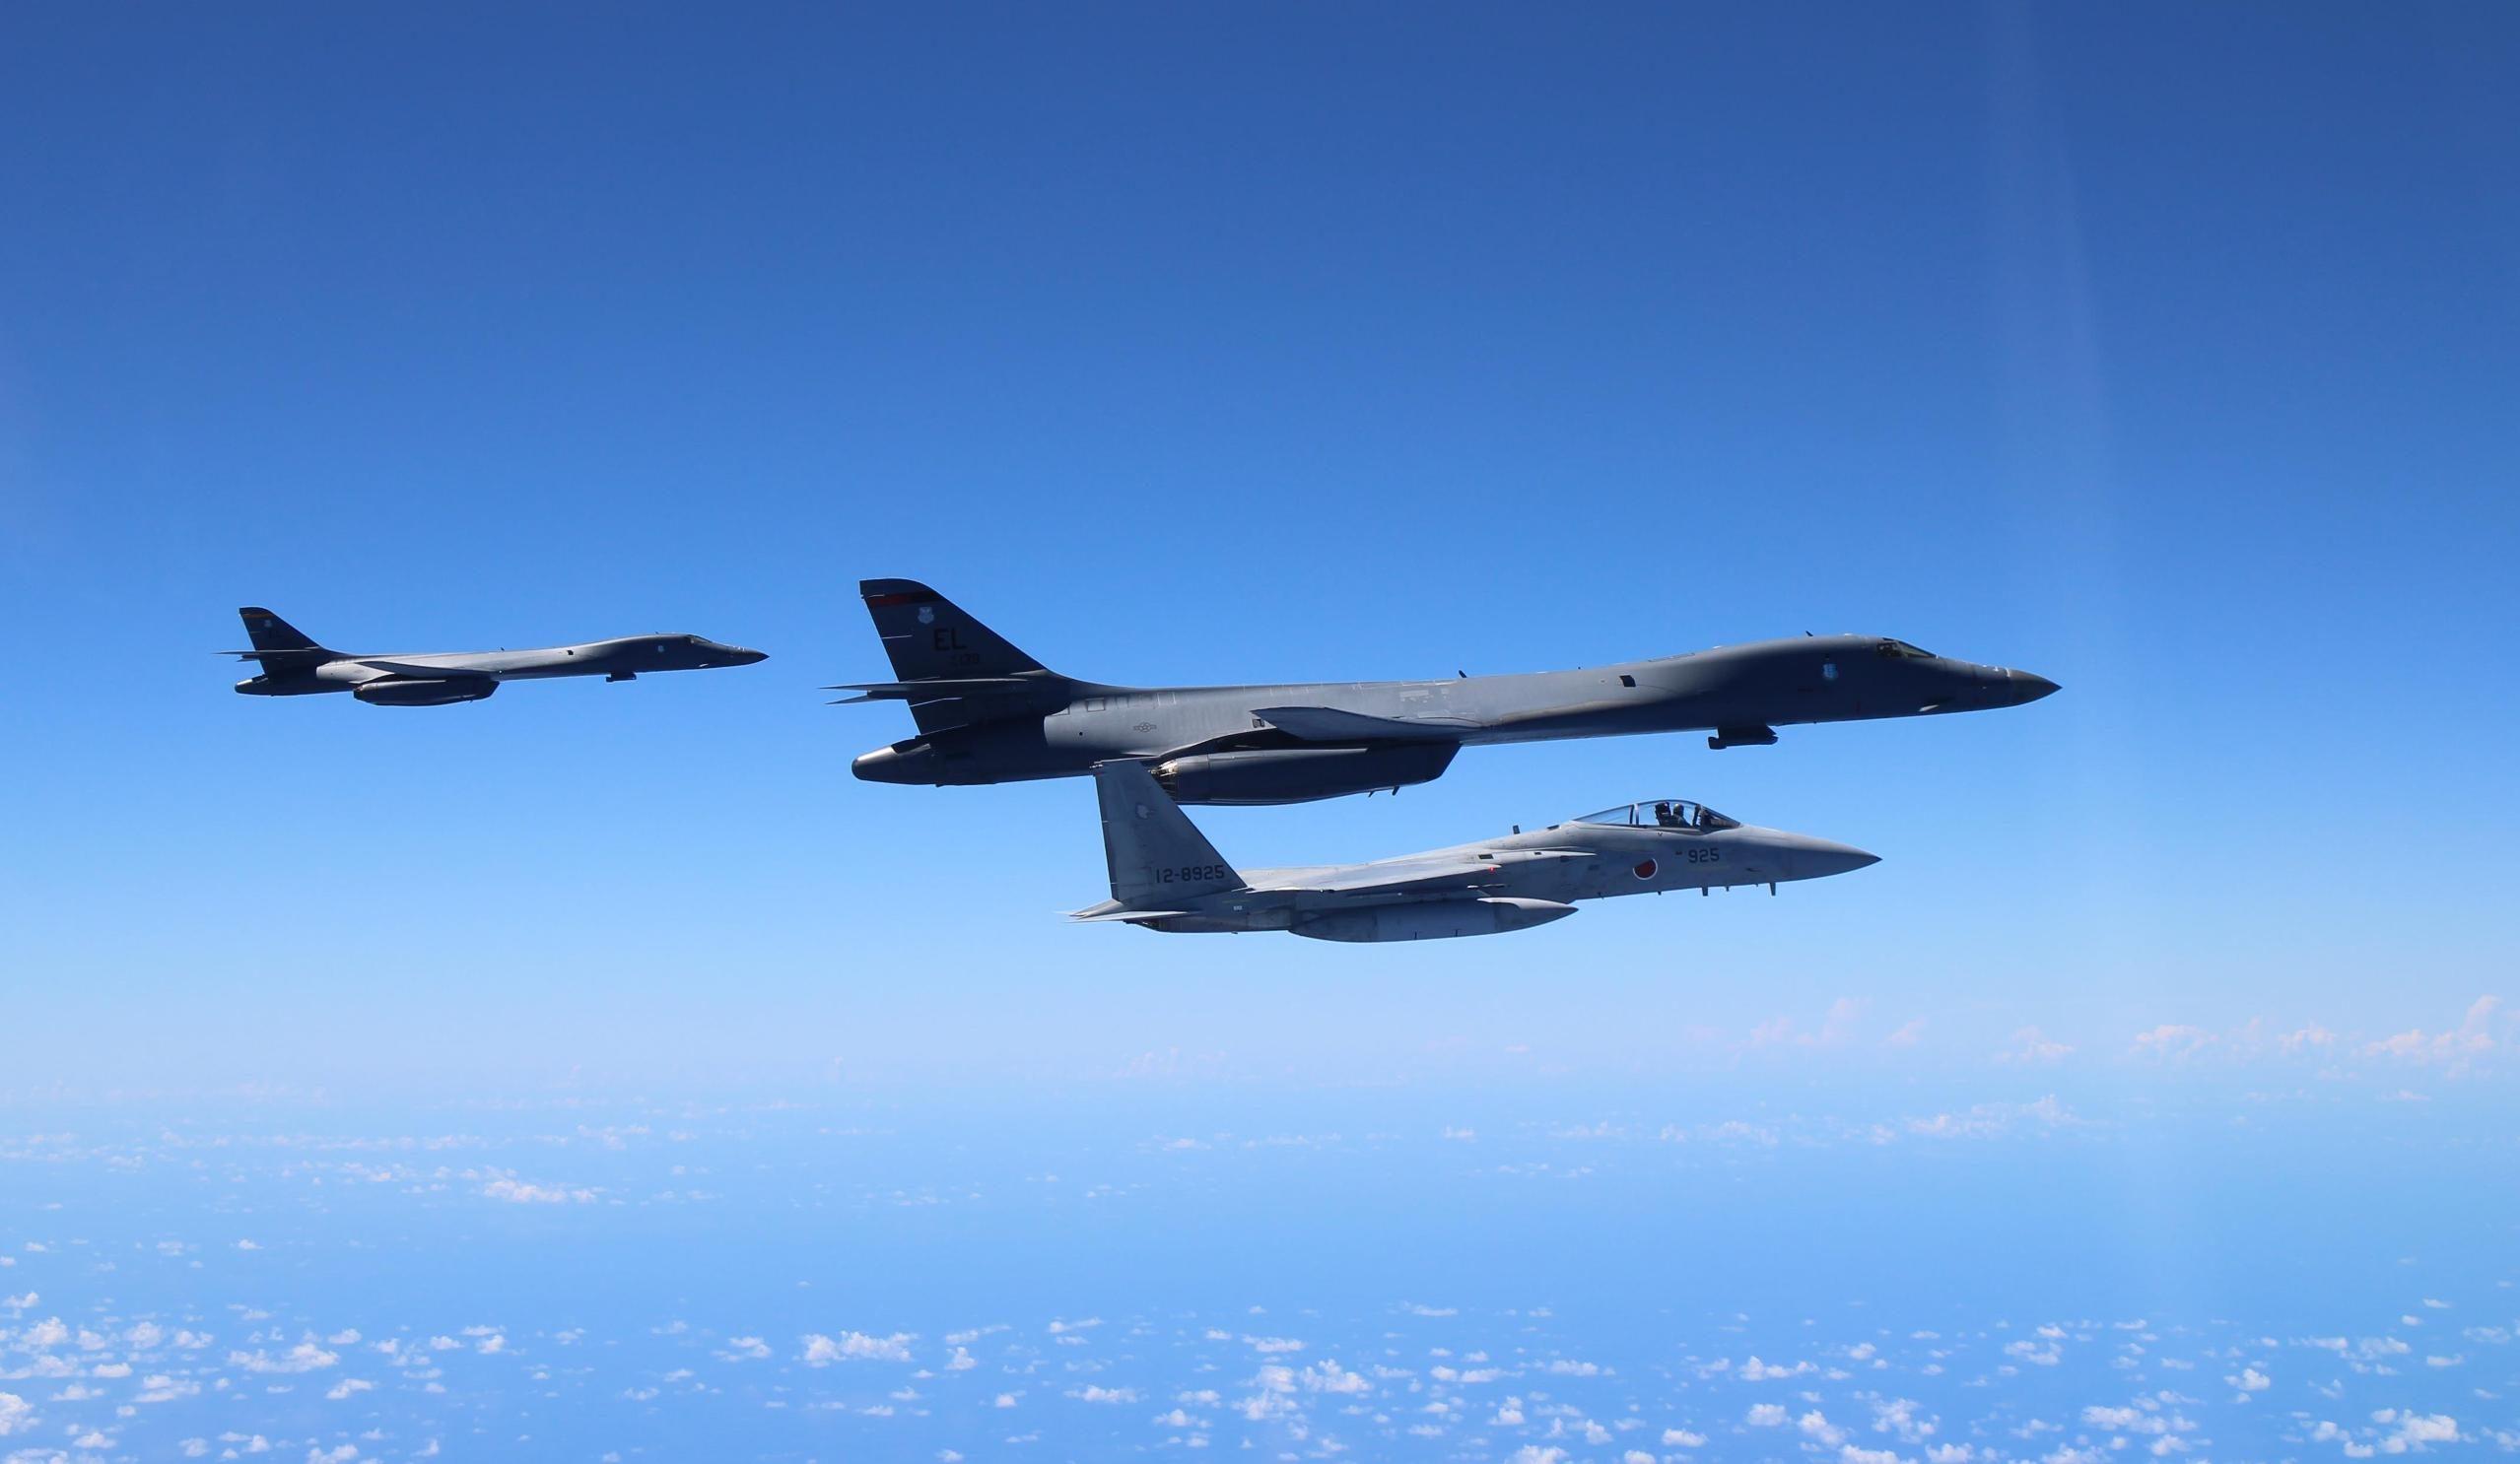 US-Japan Air Drills near Senkaku Islands